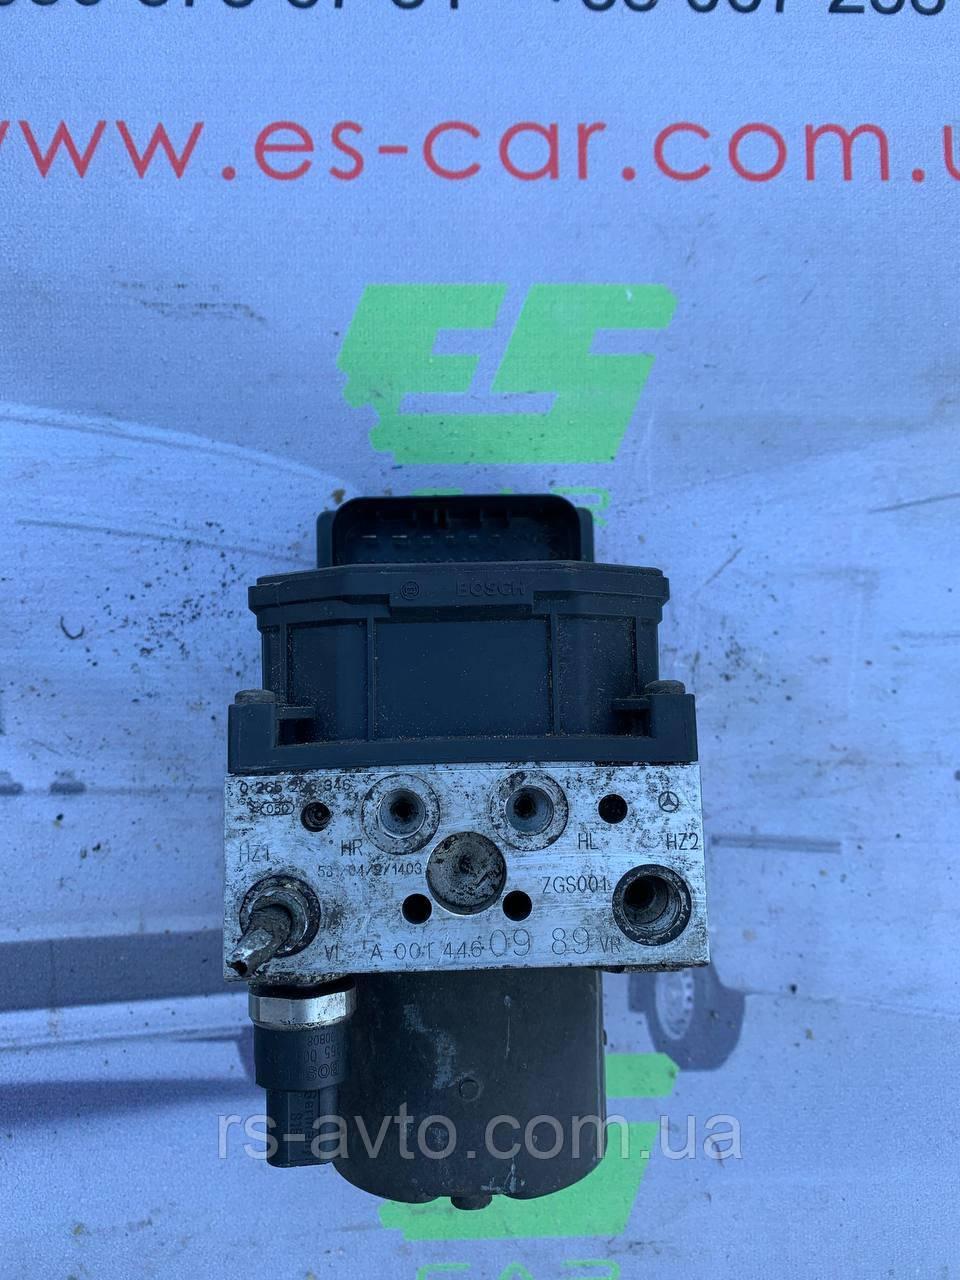 Блок ABS для Mercedes Vito Viano W639 A0014460989